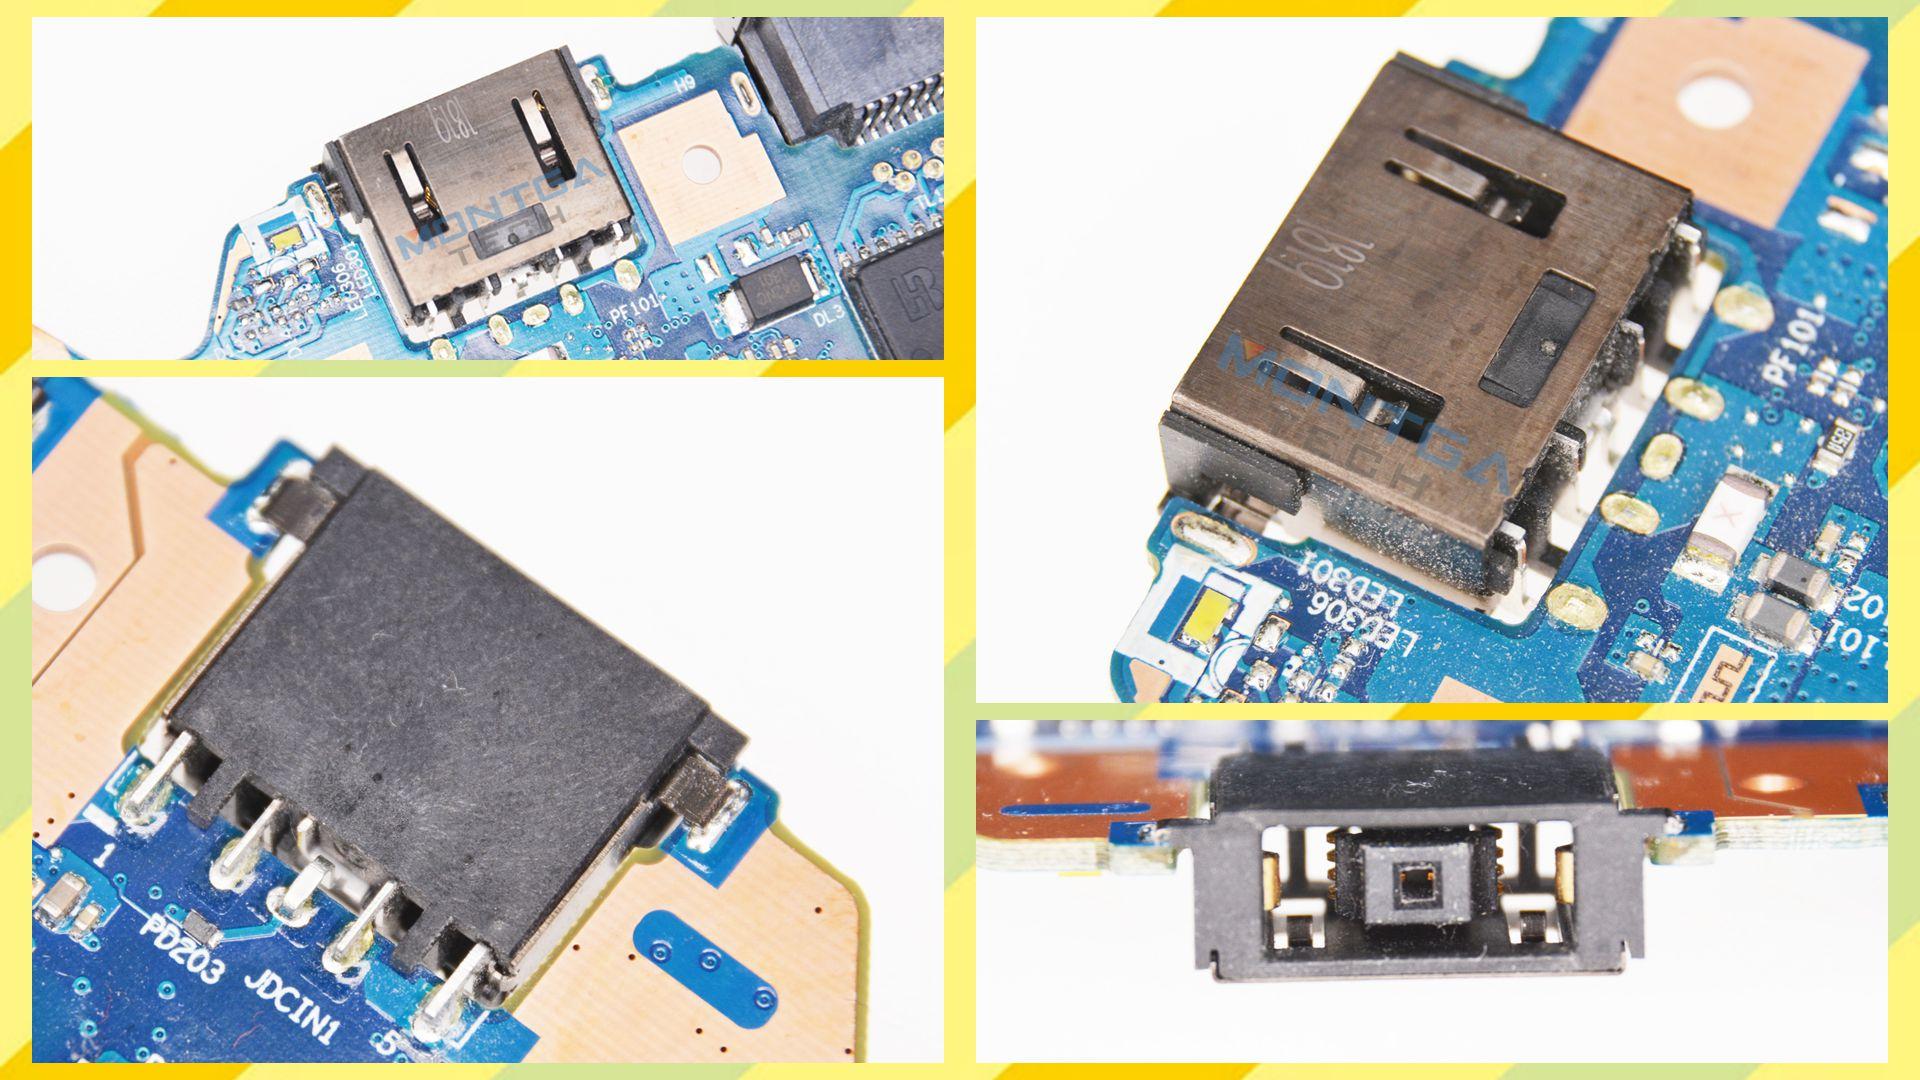 repair charging connector Lenovo Y7000-2019, repair DC Power Jack Lenovo Y7000-2019, repair Jack socket Lenovo Y7000-2019, repair plug Lenovo Y7000-2019, repair DC Alimantation Lenovo Y7000-2019, replace charging connector Lenovo Y7000-2019, replace DC Power Jack Lenovo Y7000-2019, replace Jack socket Lenovo Y7000-2019, replace plug Lenovo Y7000-2019, replace DC Alimantation Lenovo Y7000-2019,